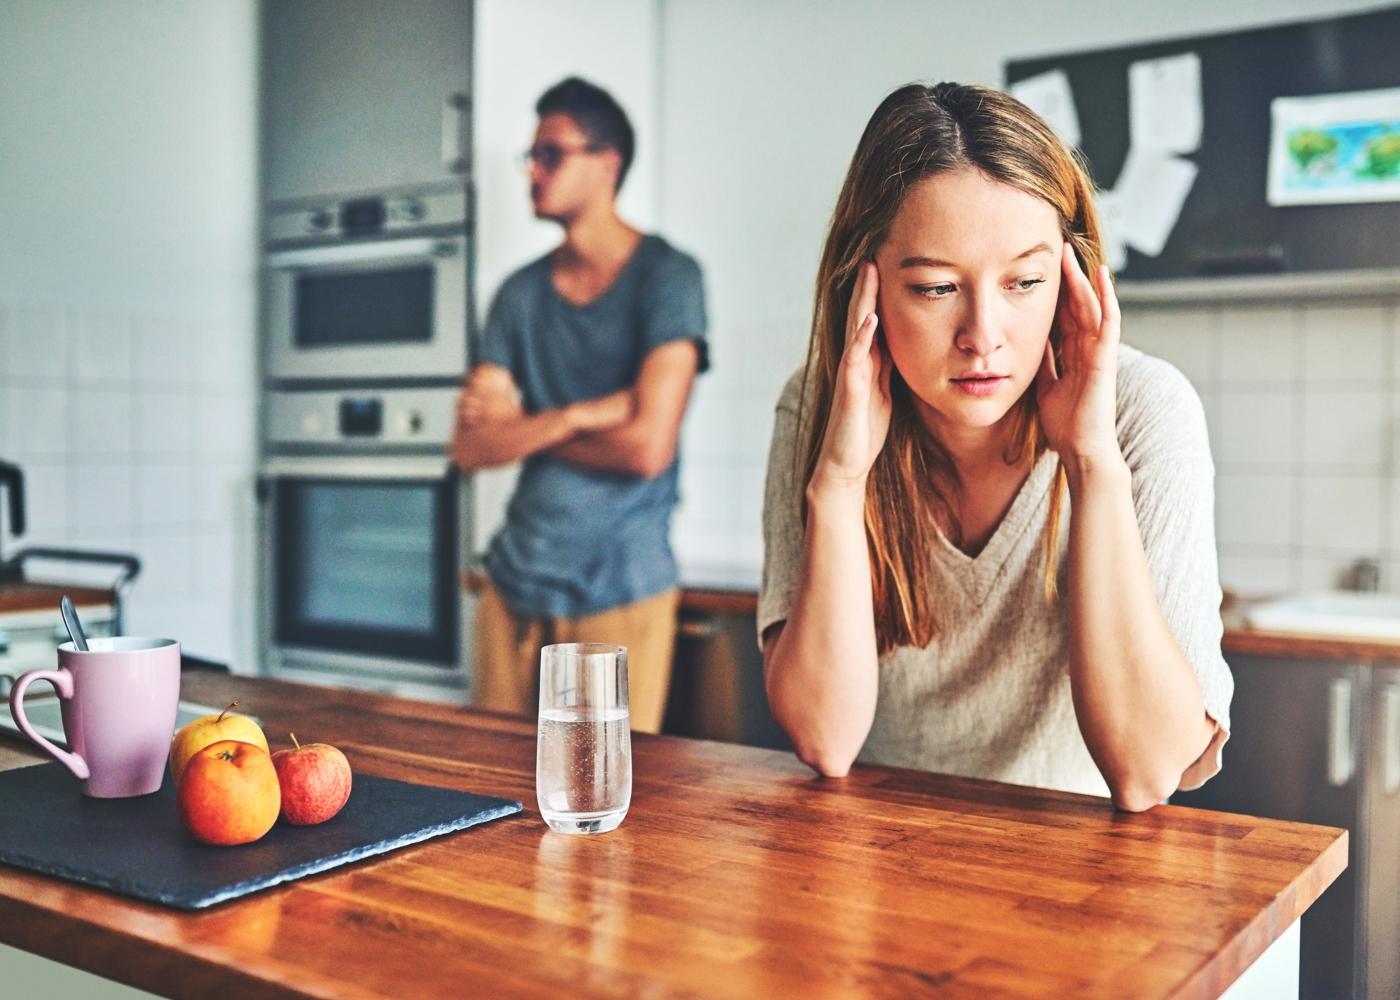 casal chateado na cozinha por tarefas domésticas